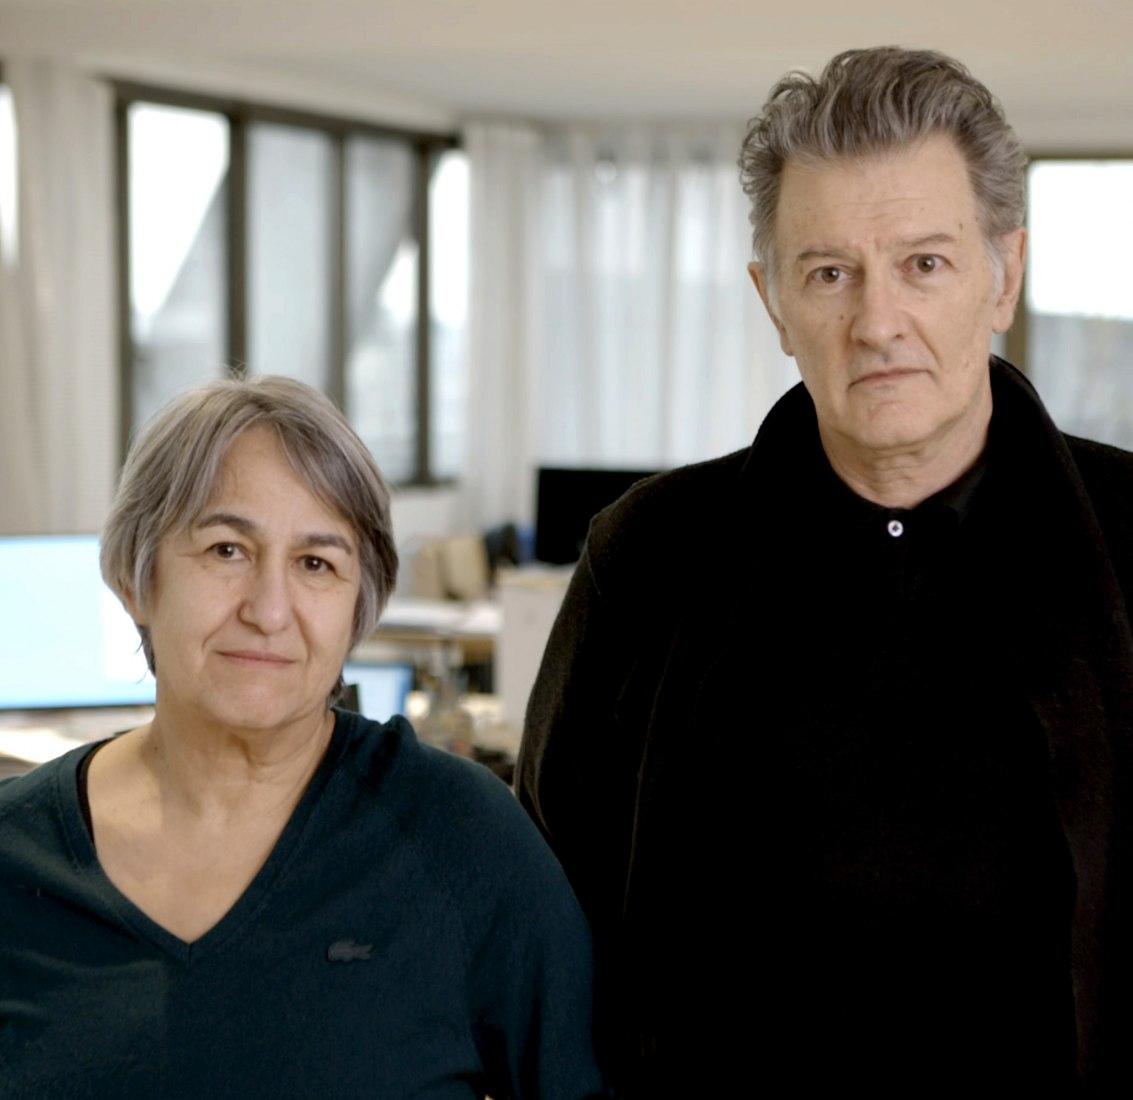 Anne Lacaton y Jean-Philippe Vassal. Fotografía por Laurent Chalet, cortesía del Premio Pritzker